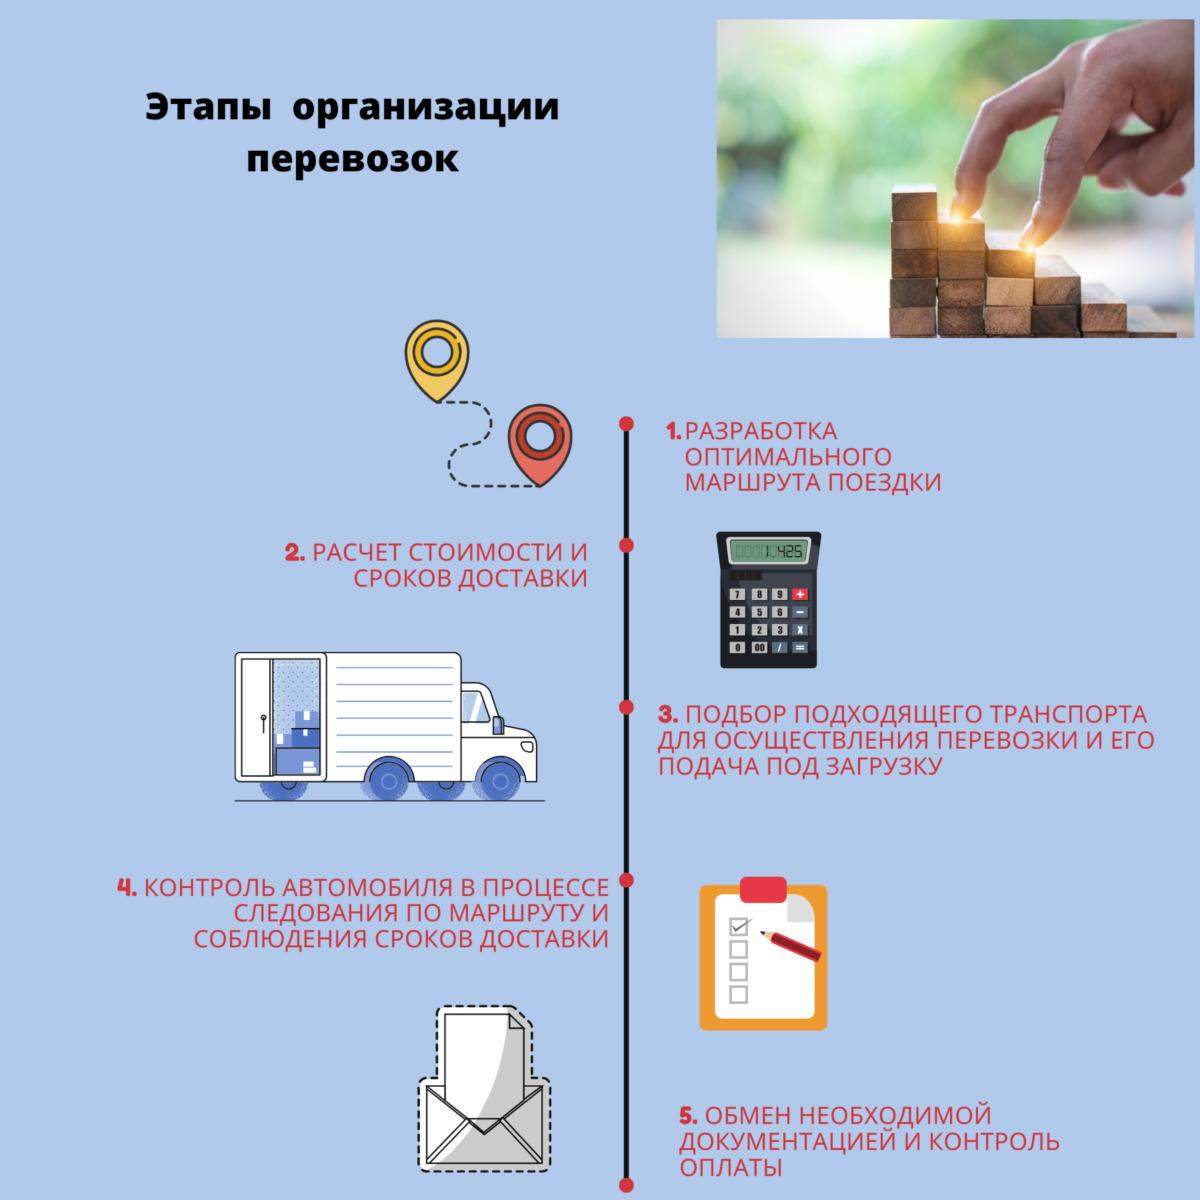 Этапы организации перевозок